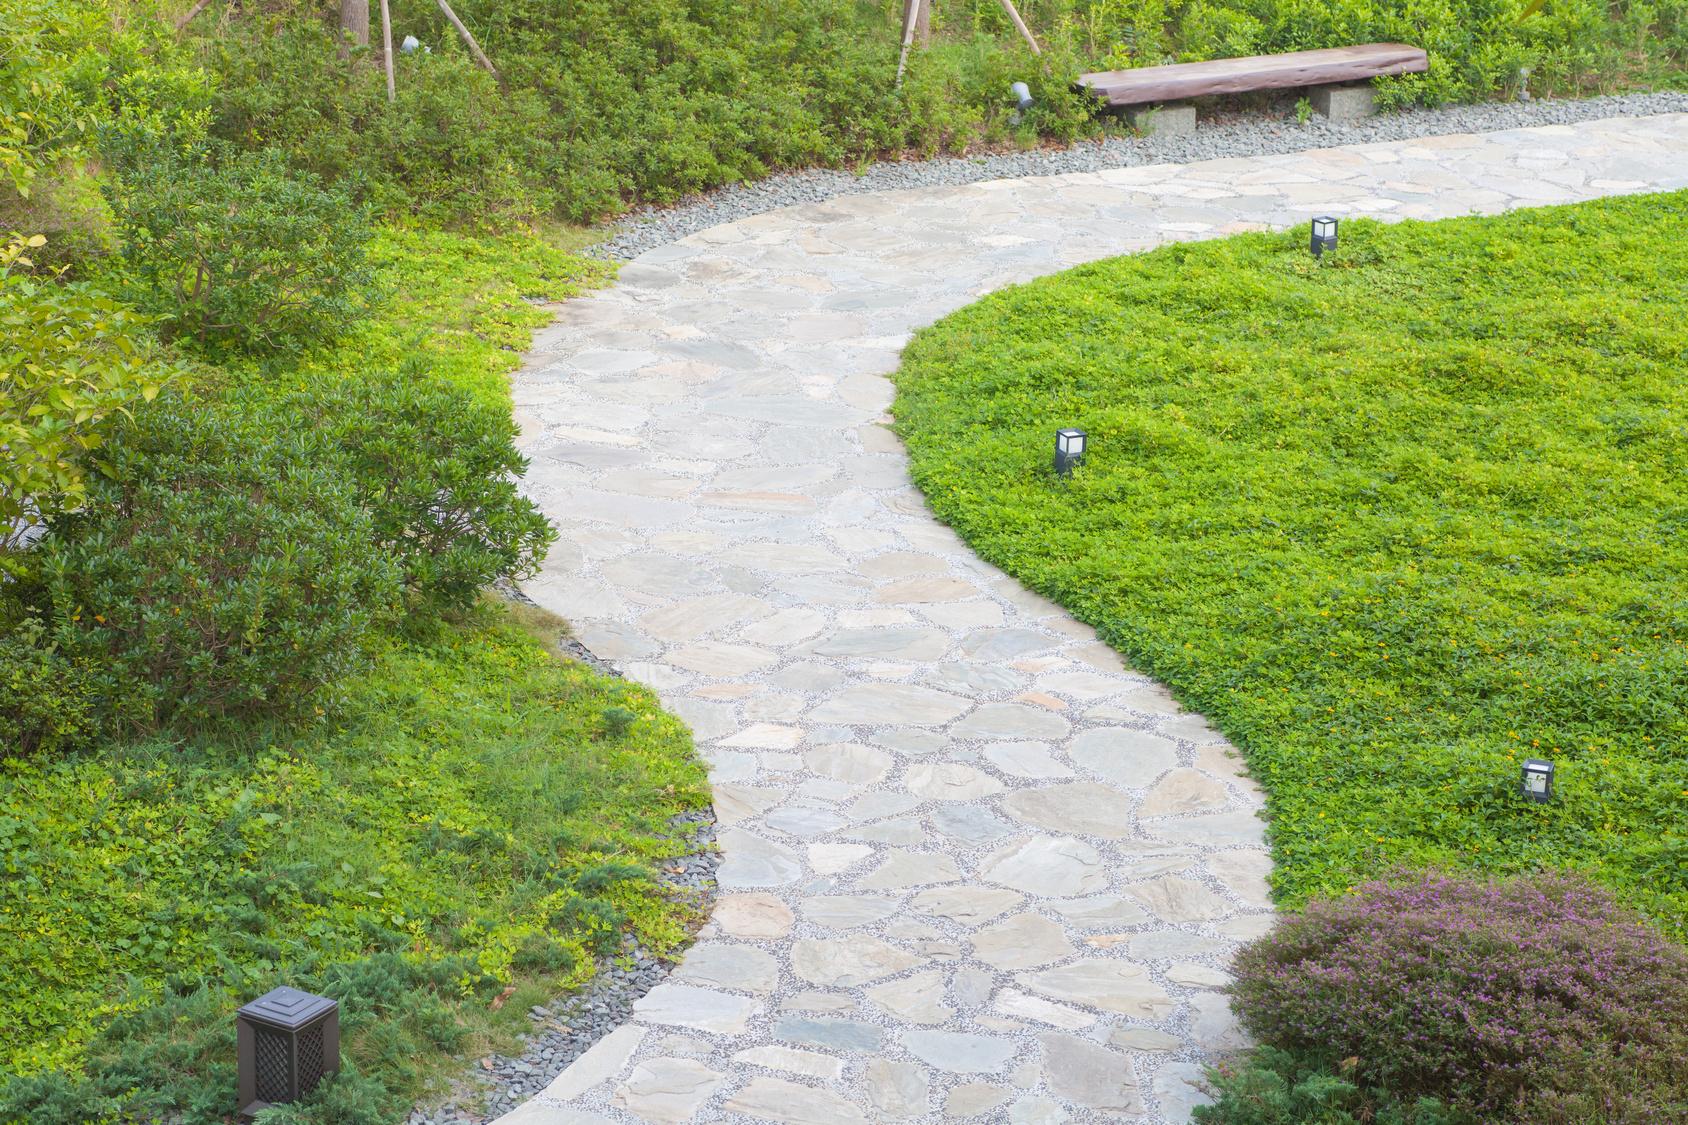 Quels Matériaux Pour Dessiner Une Belle Allée De Jardin ? avec Allée De Jardin En Béton